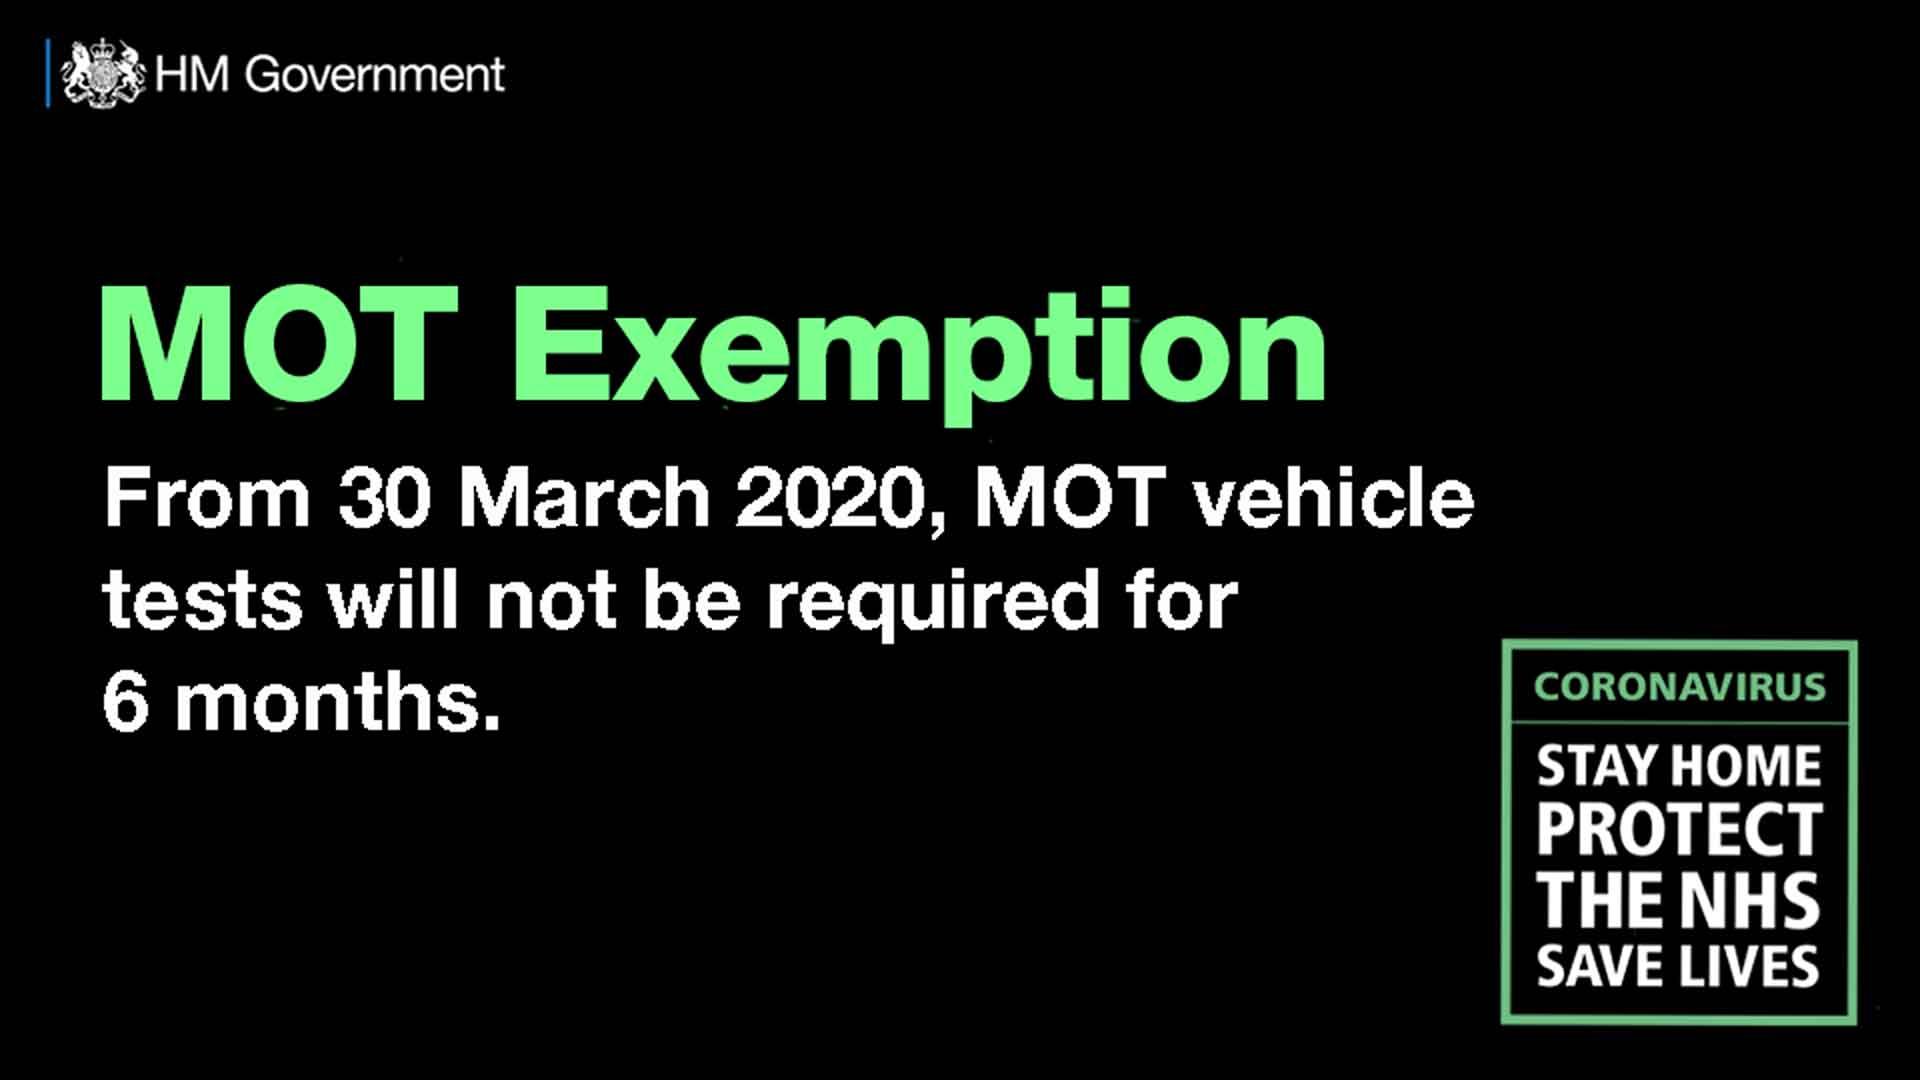 Covid-19 MOT exemption